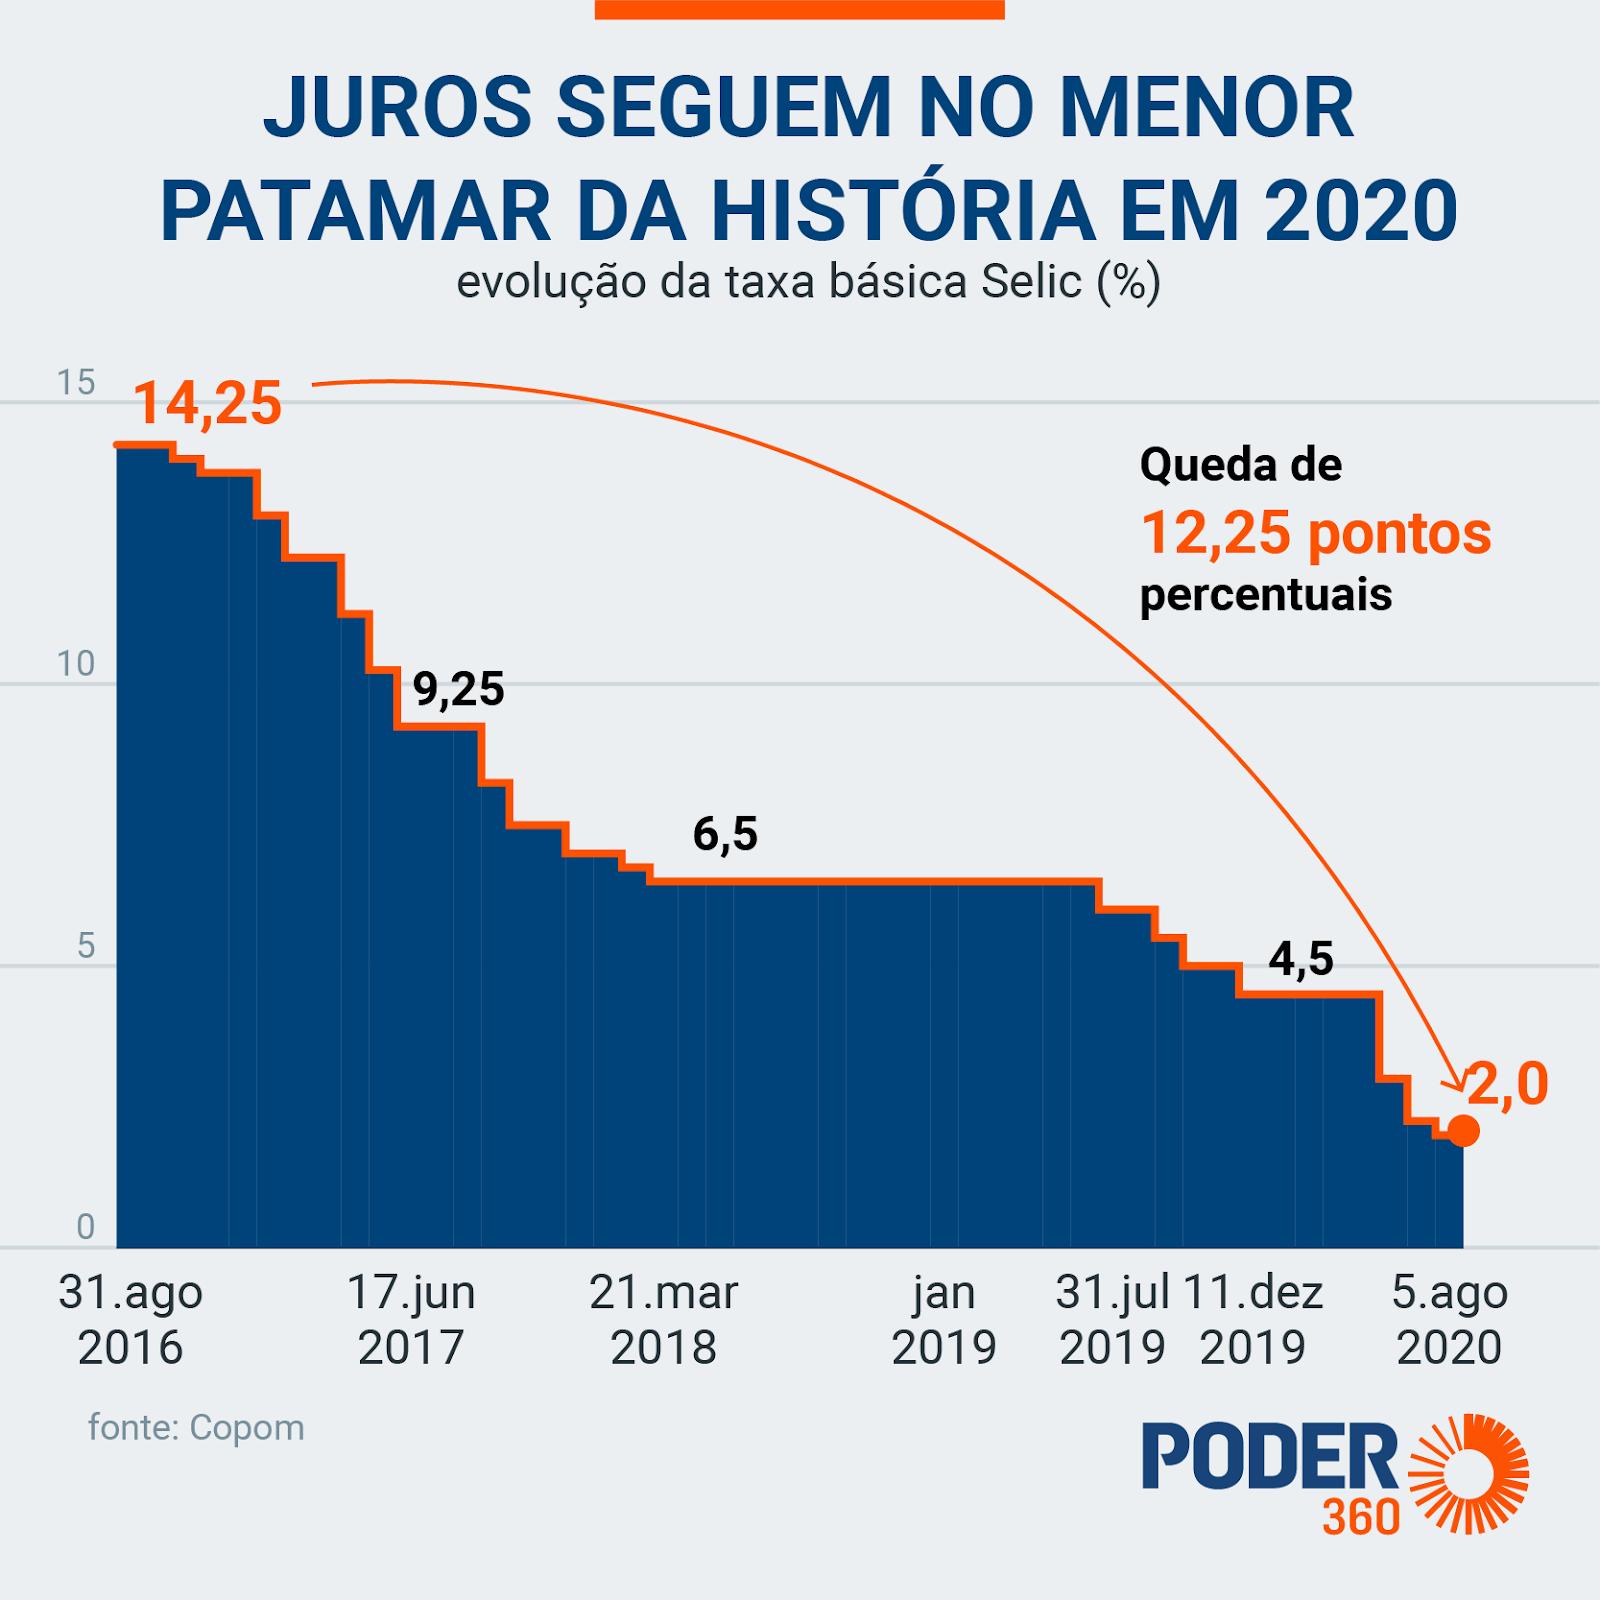 O gráfico mostra a queda da taxa Selic desde 2016 até 2020, quando atingiu sua queda histórica, de 2% ao ano.